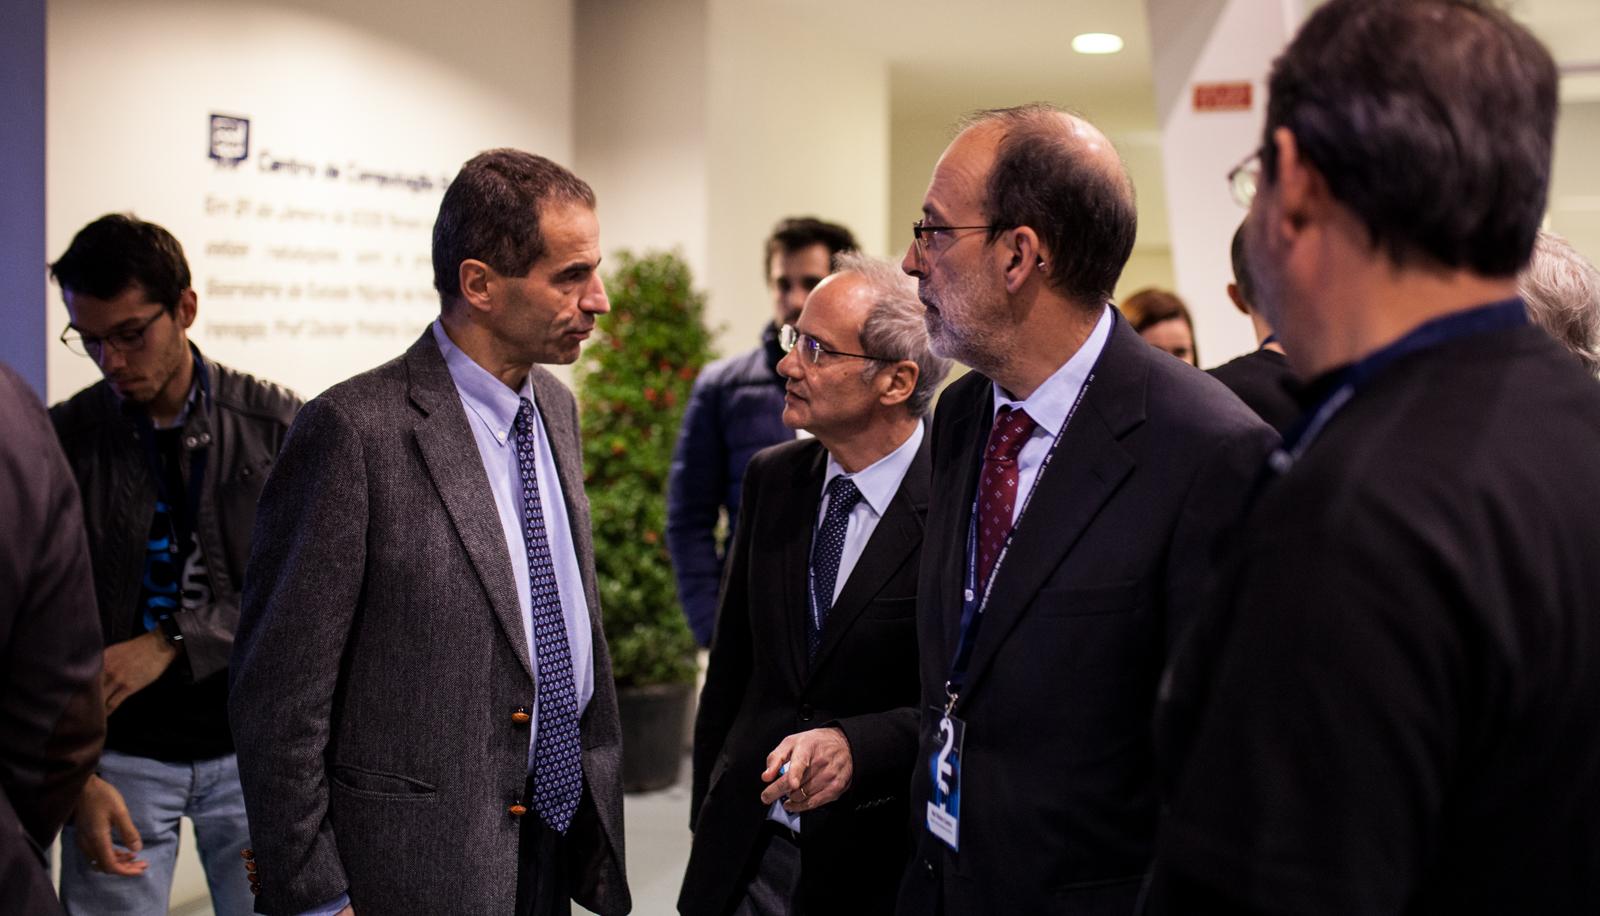 Conversa à chegada (foto: Nuno Gonçalves)